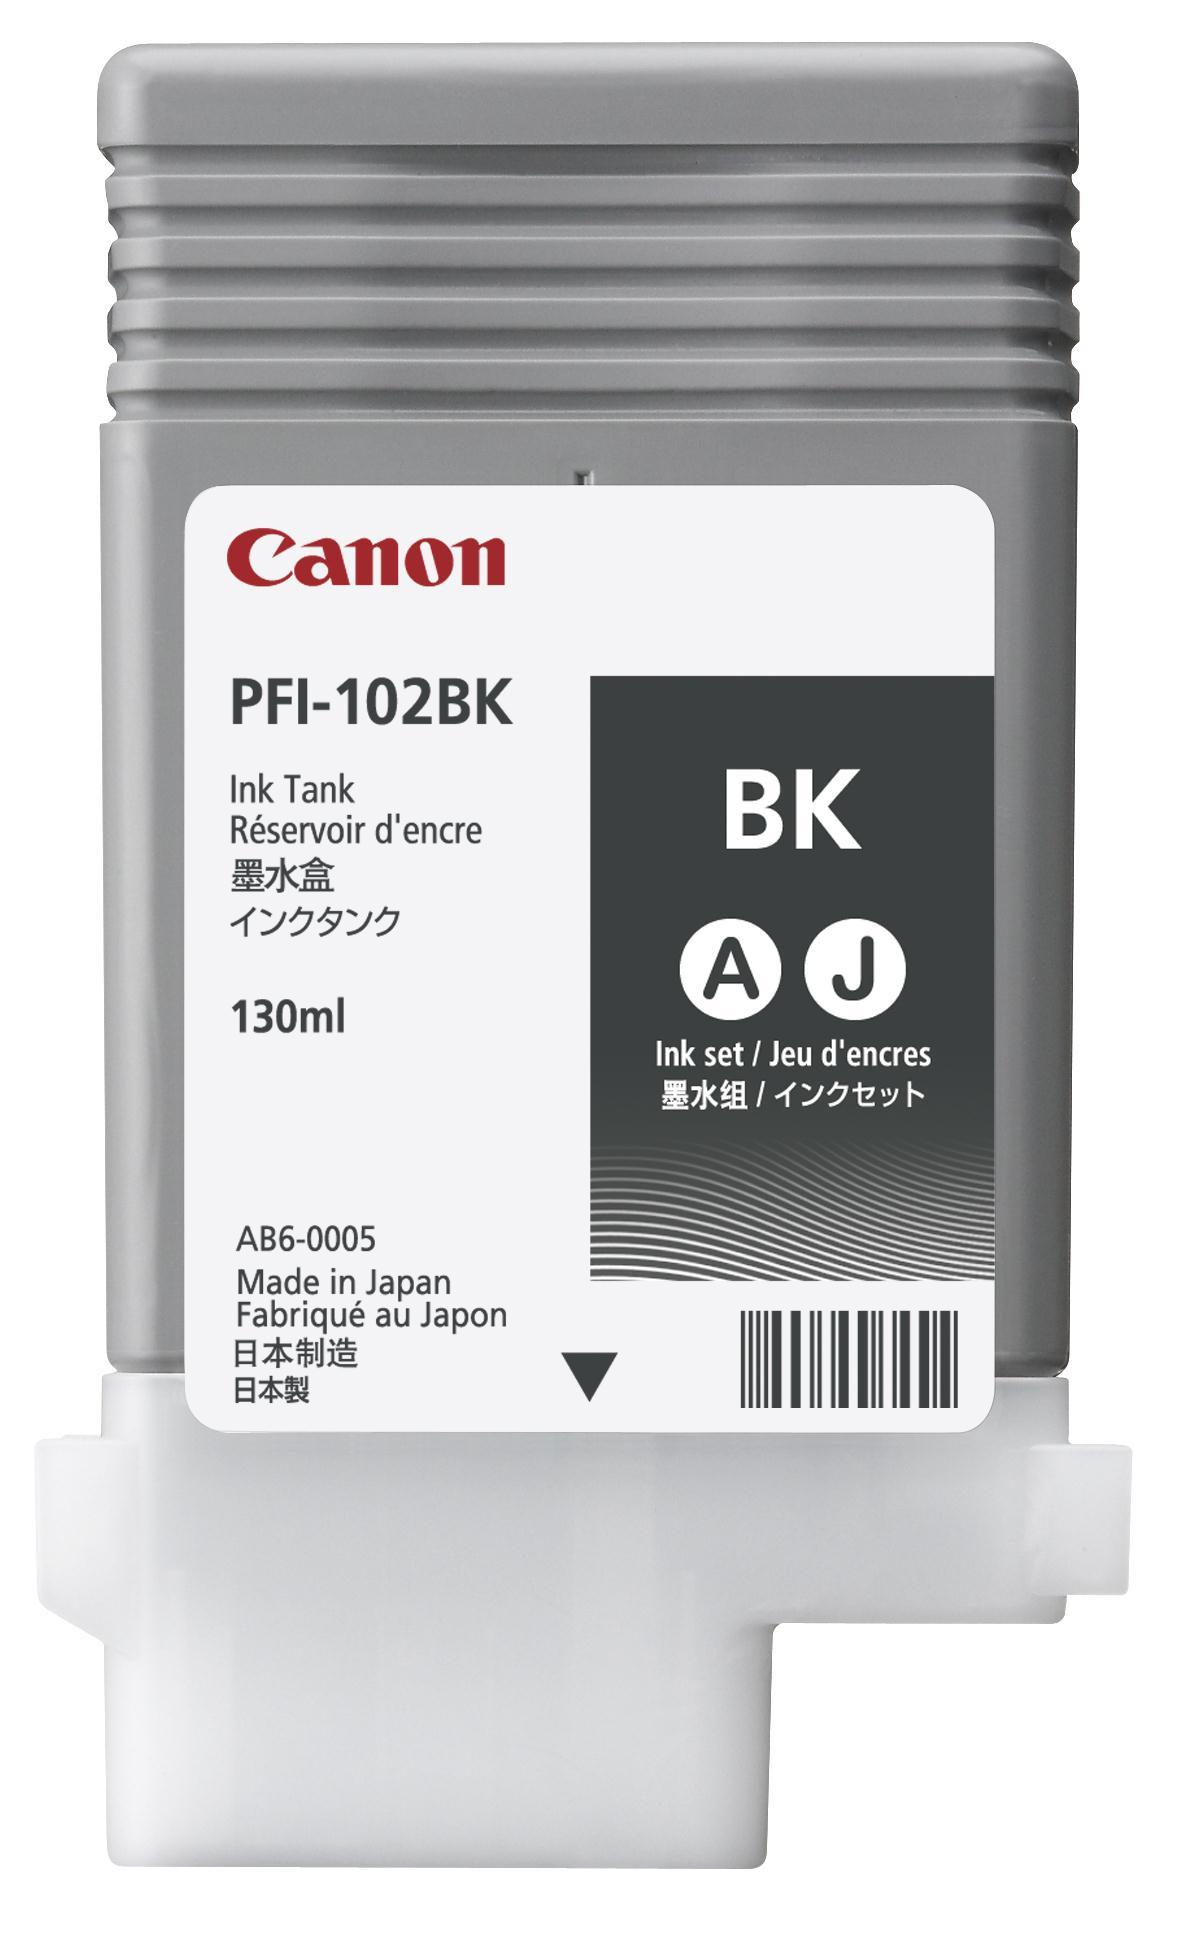 Canon PFI-102BK Ink Tank Black Ref 0895B001AA